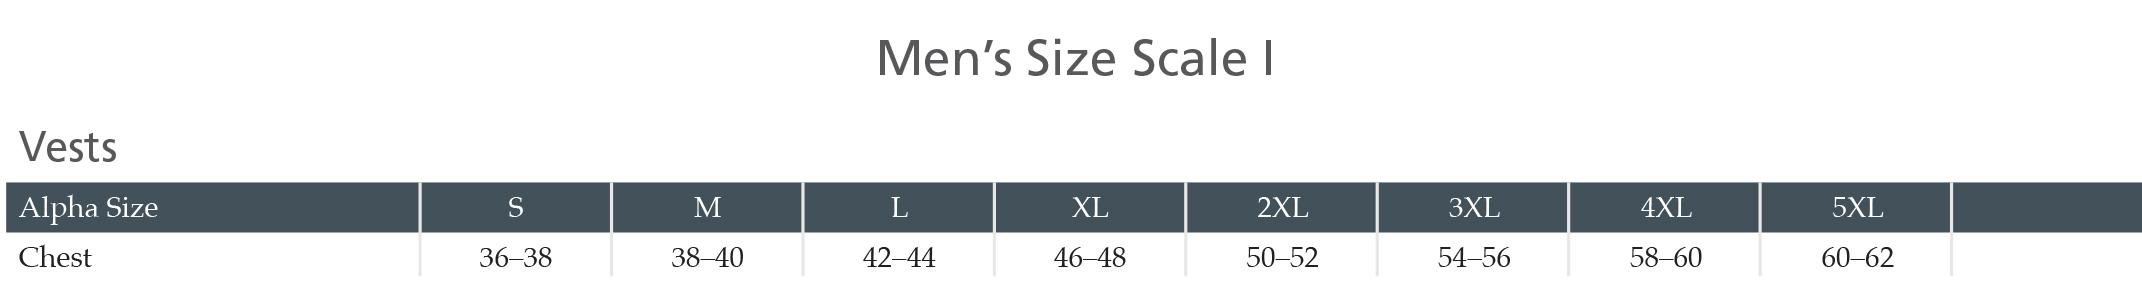 size-scale-i.jpg